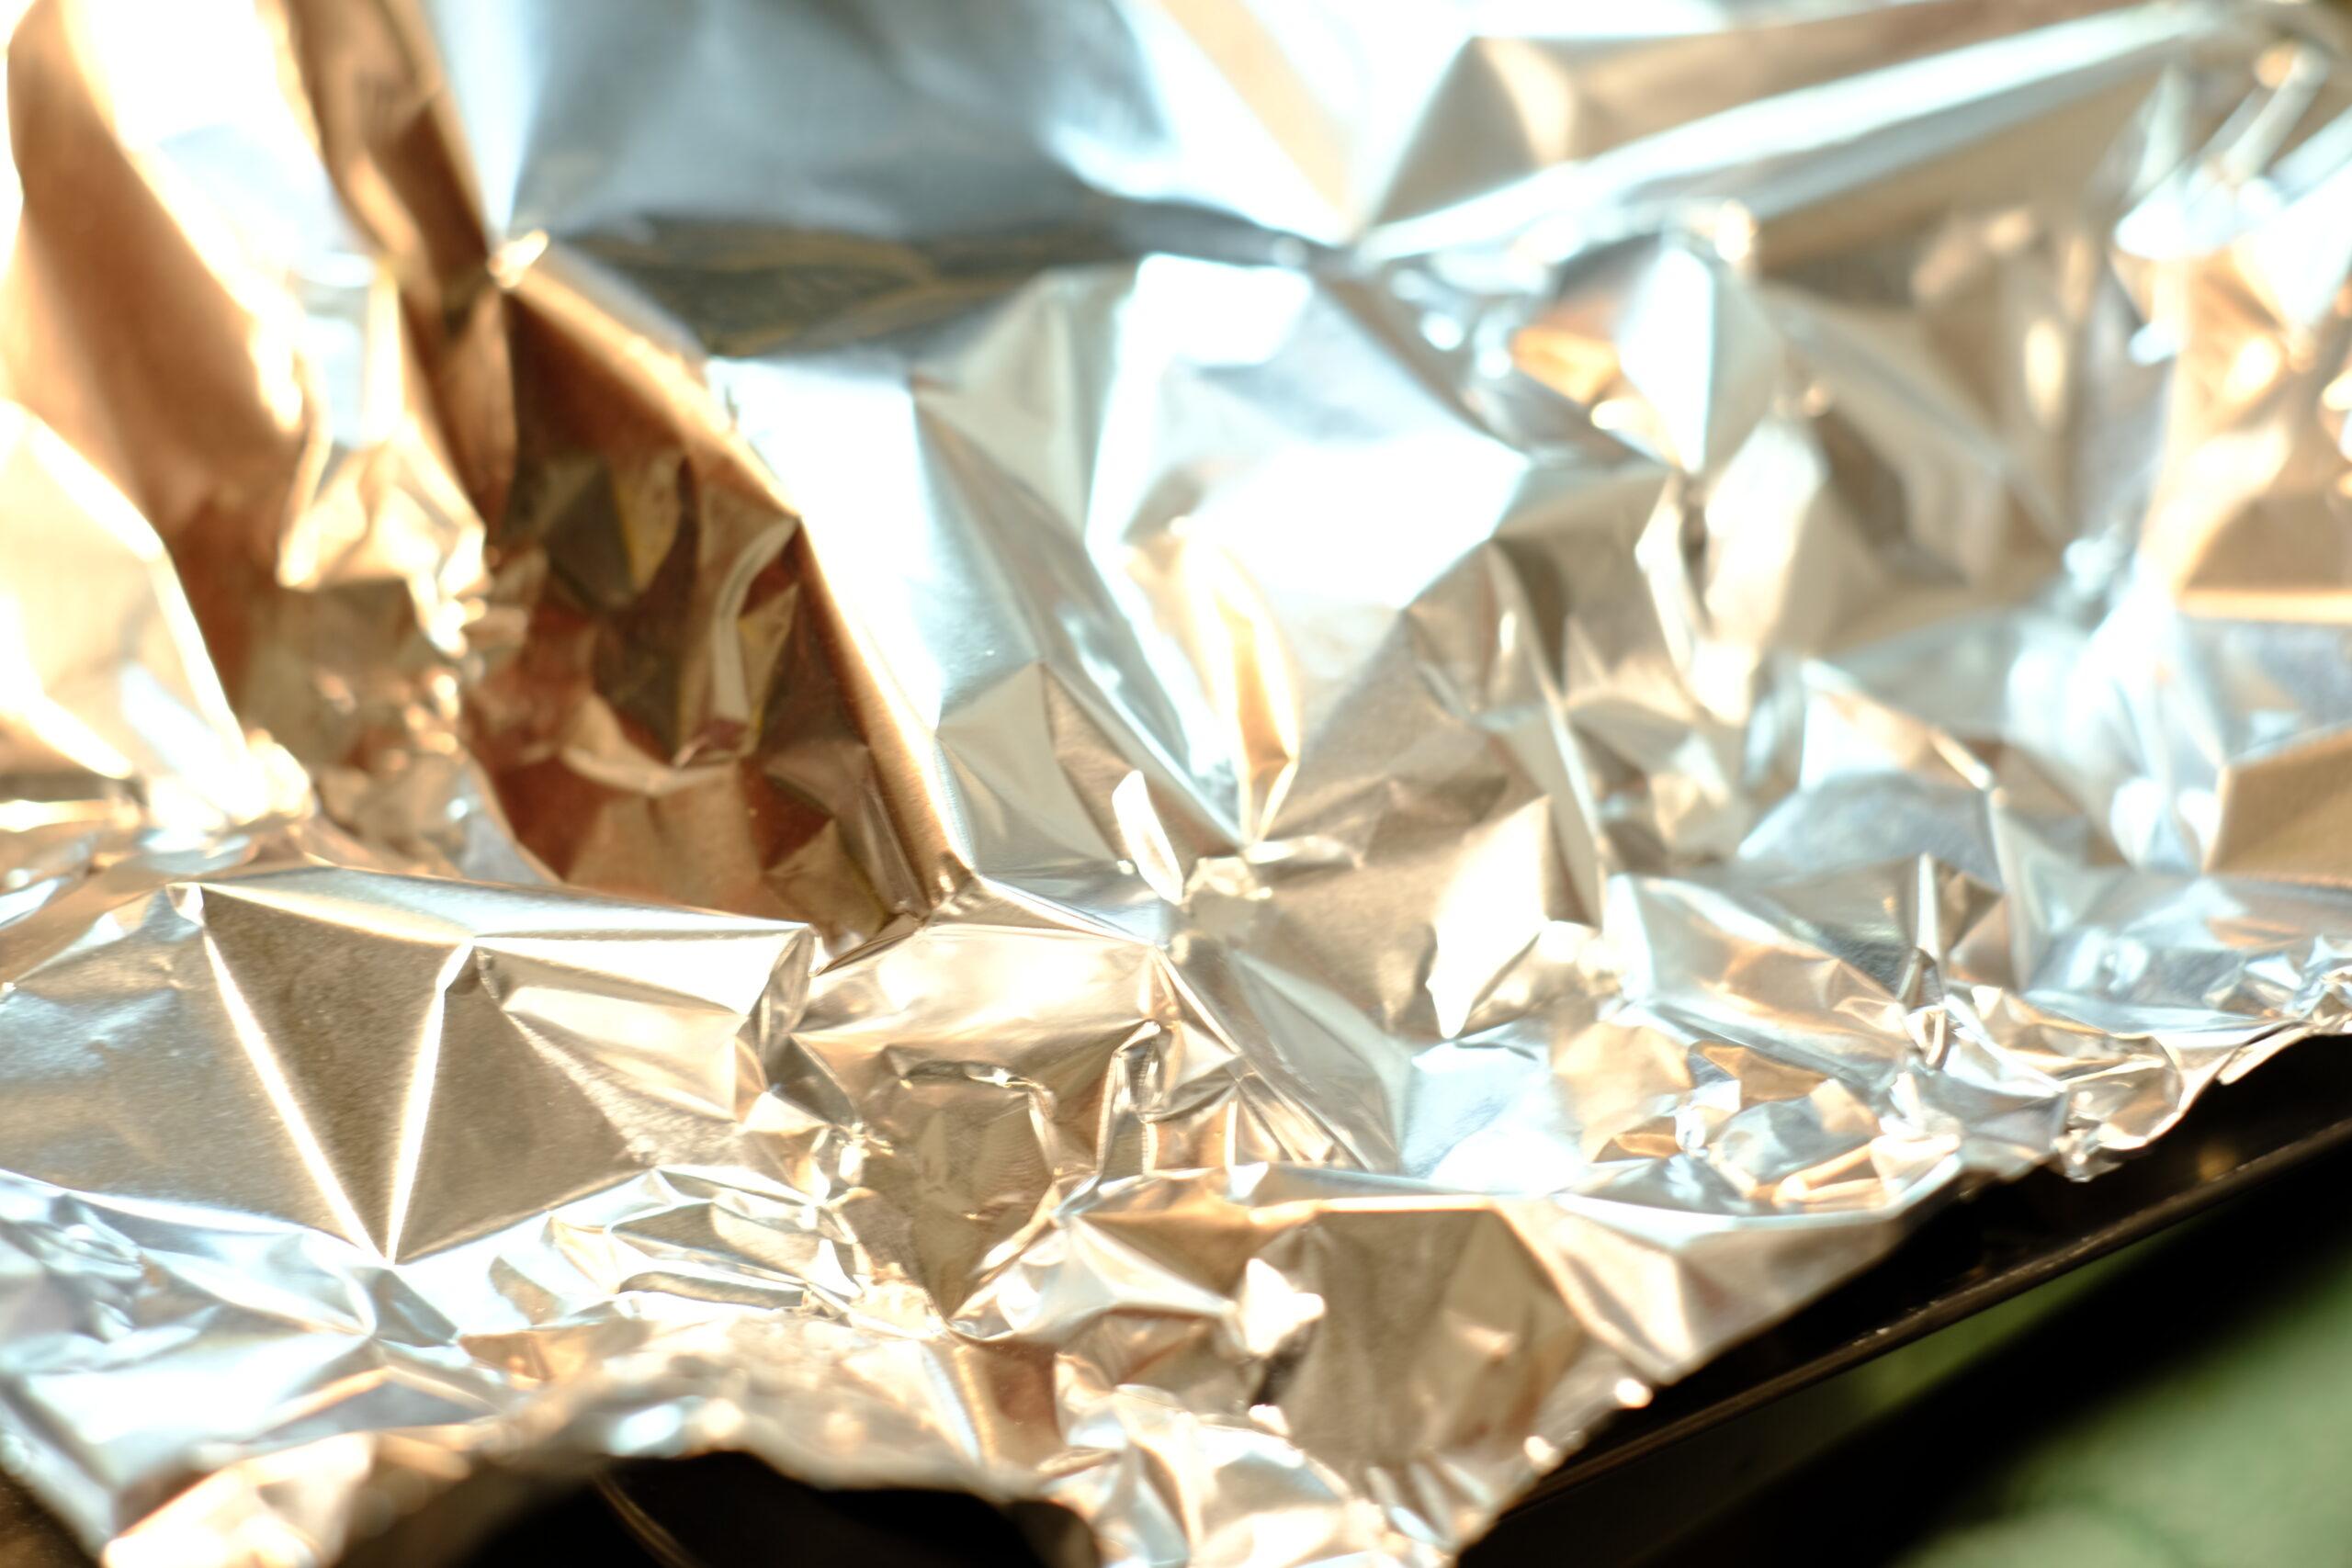 焼いてアルミホイルをかぶせて軽く保温しながら予熱で熱を入れている様子の画像